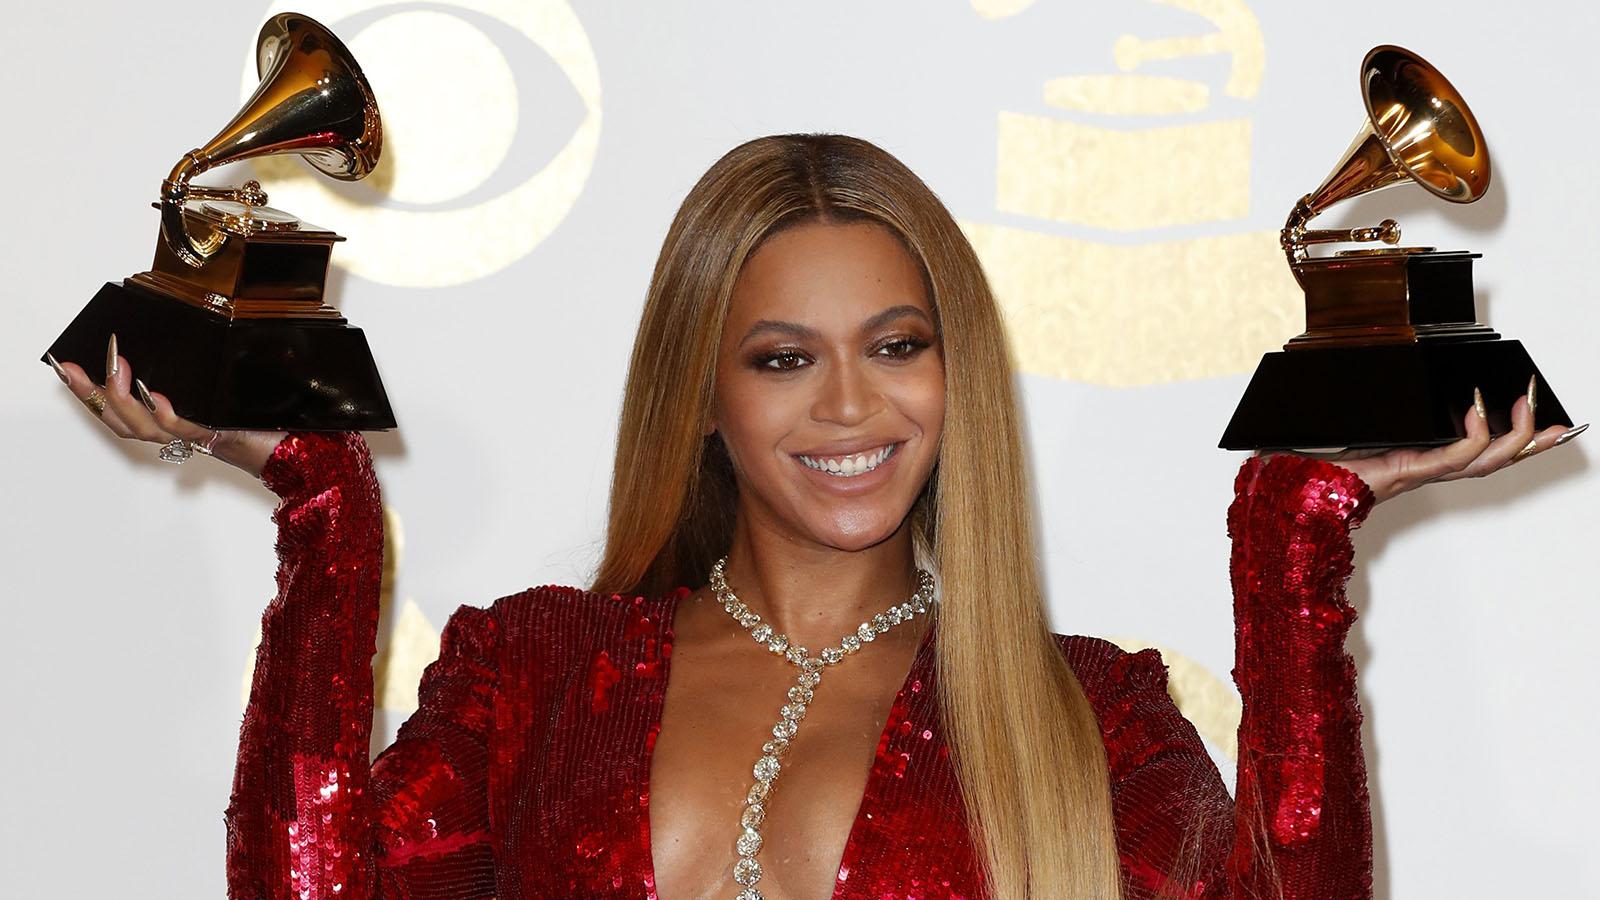 Todos querían que Beyoncé fuera su madre. La diva se marchó con dos galardones.